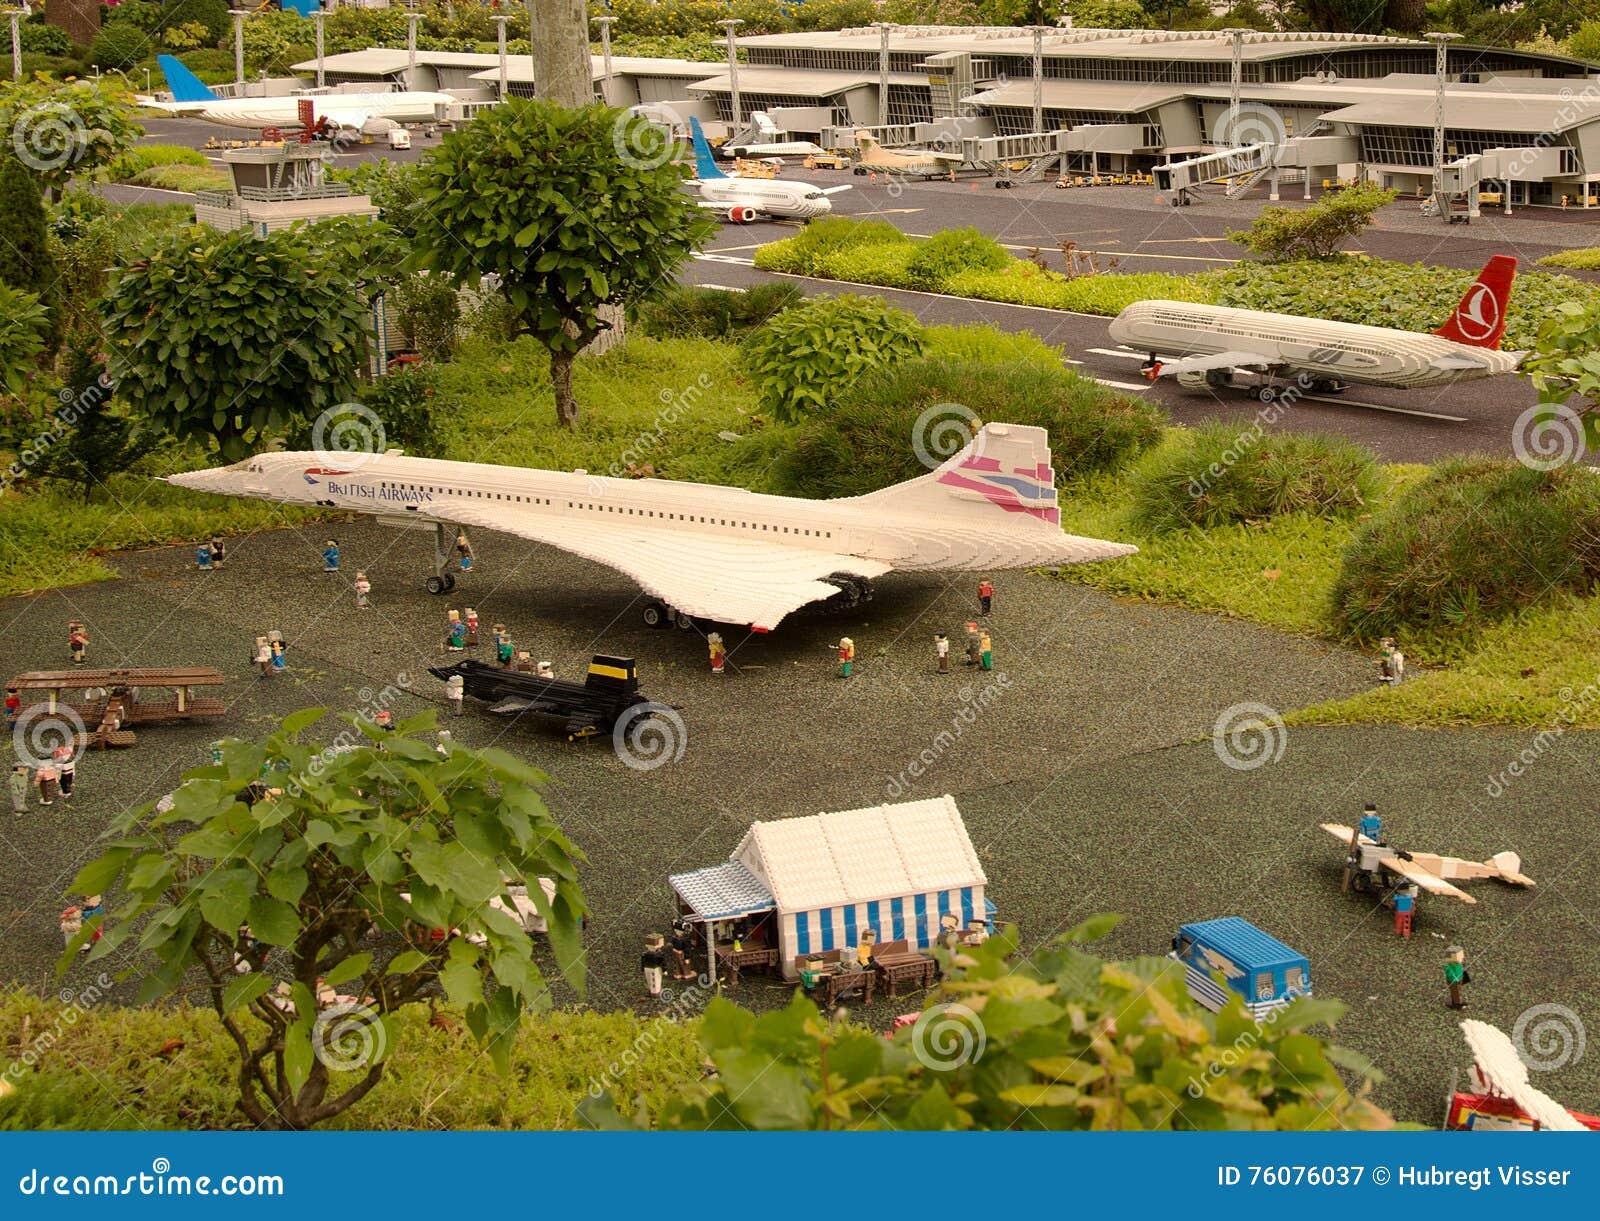 Aeroporto Lego : Aeroporto in lego fotografia editoriale immagine di giocattoli